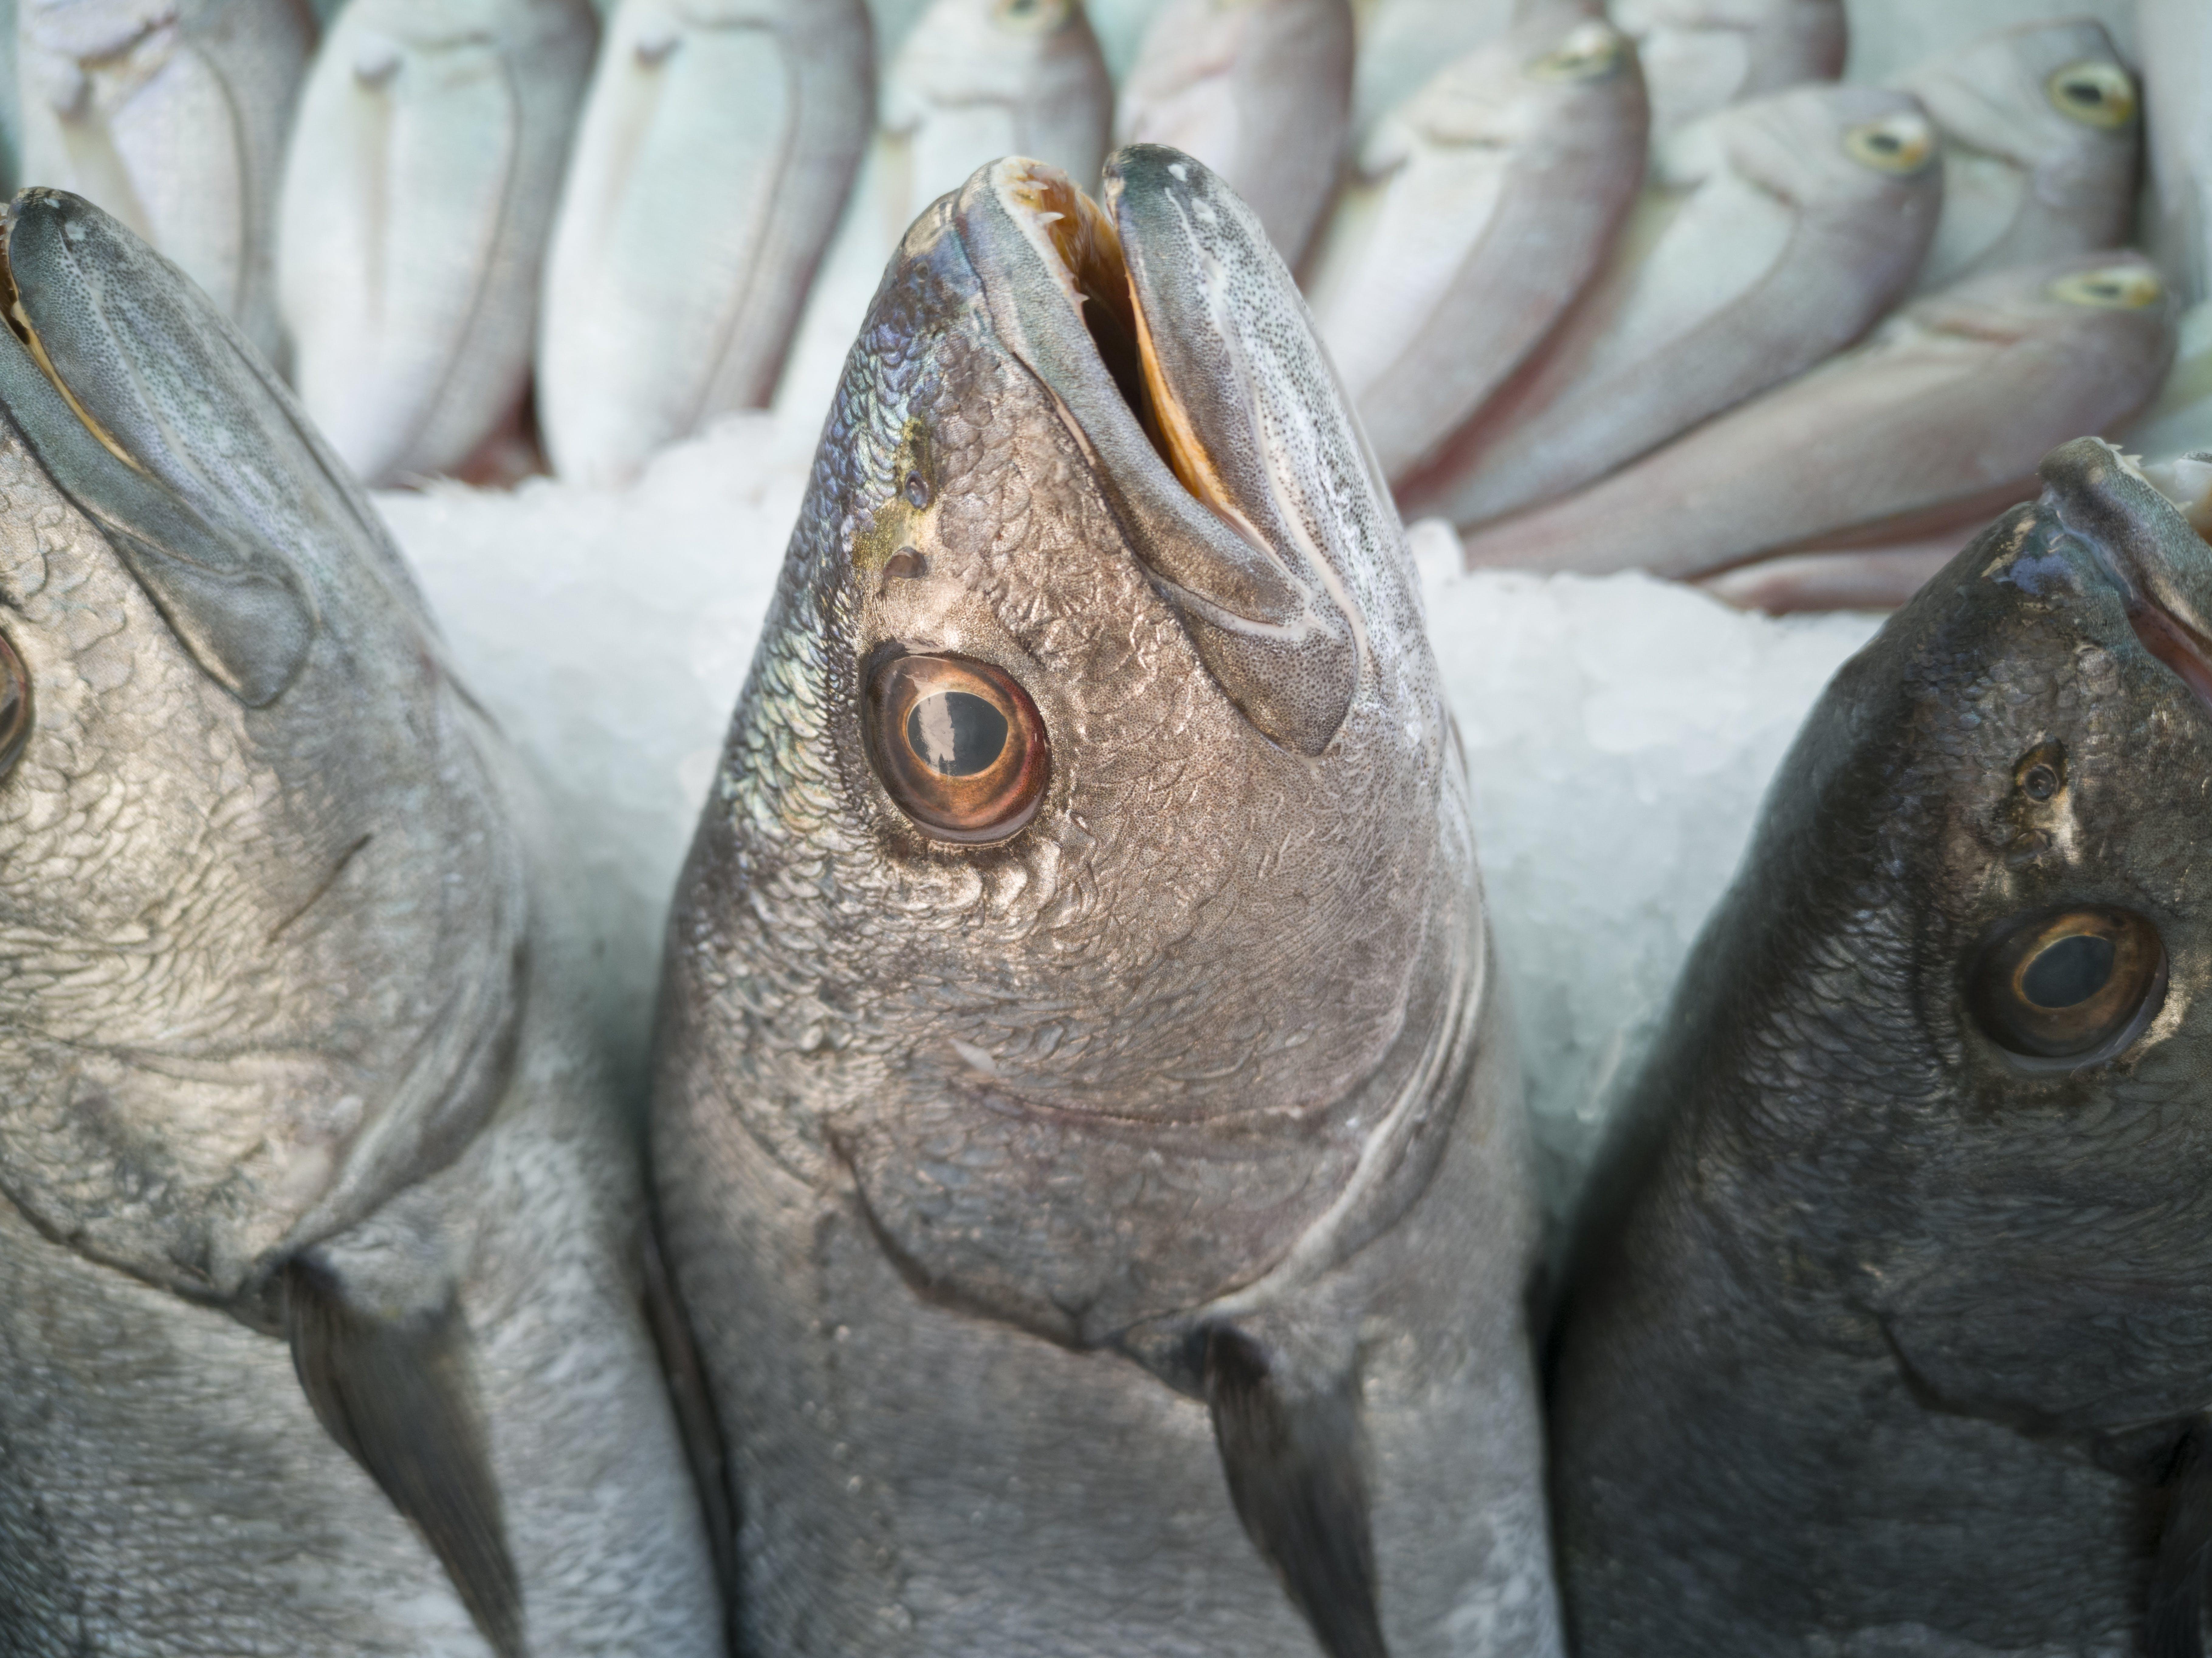 Kostenloses Stock Foto zu eiweiß, essen, fisch, fischmarkt